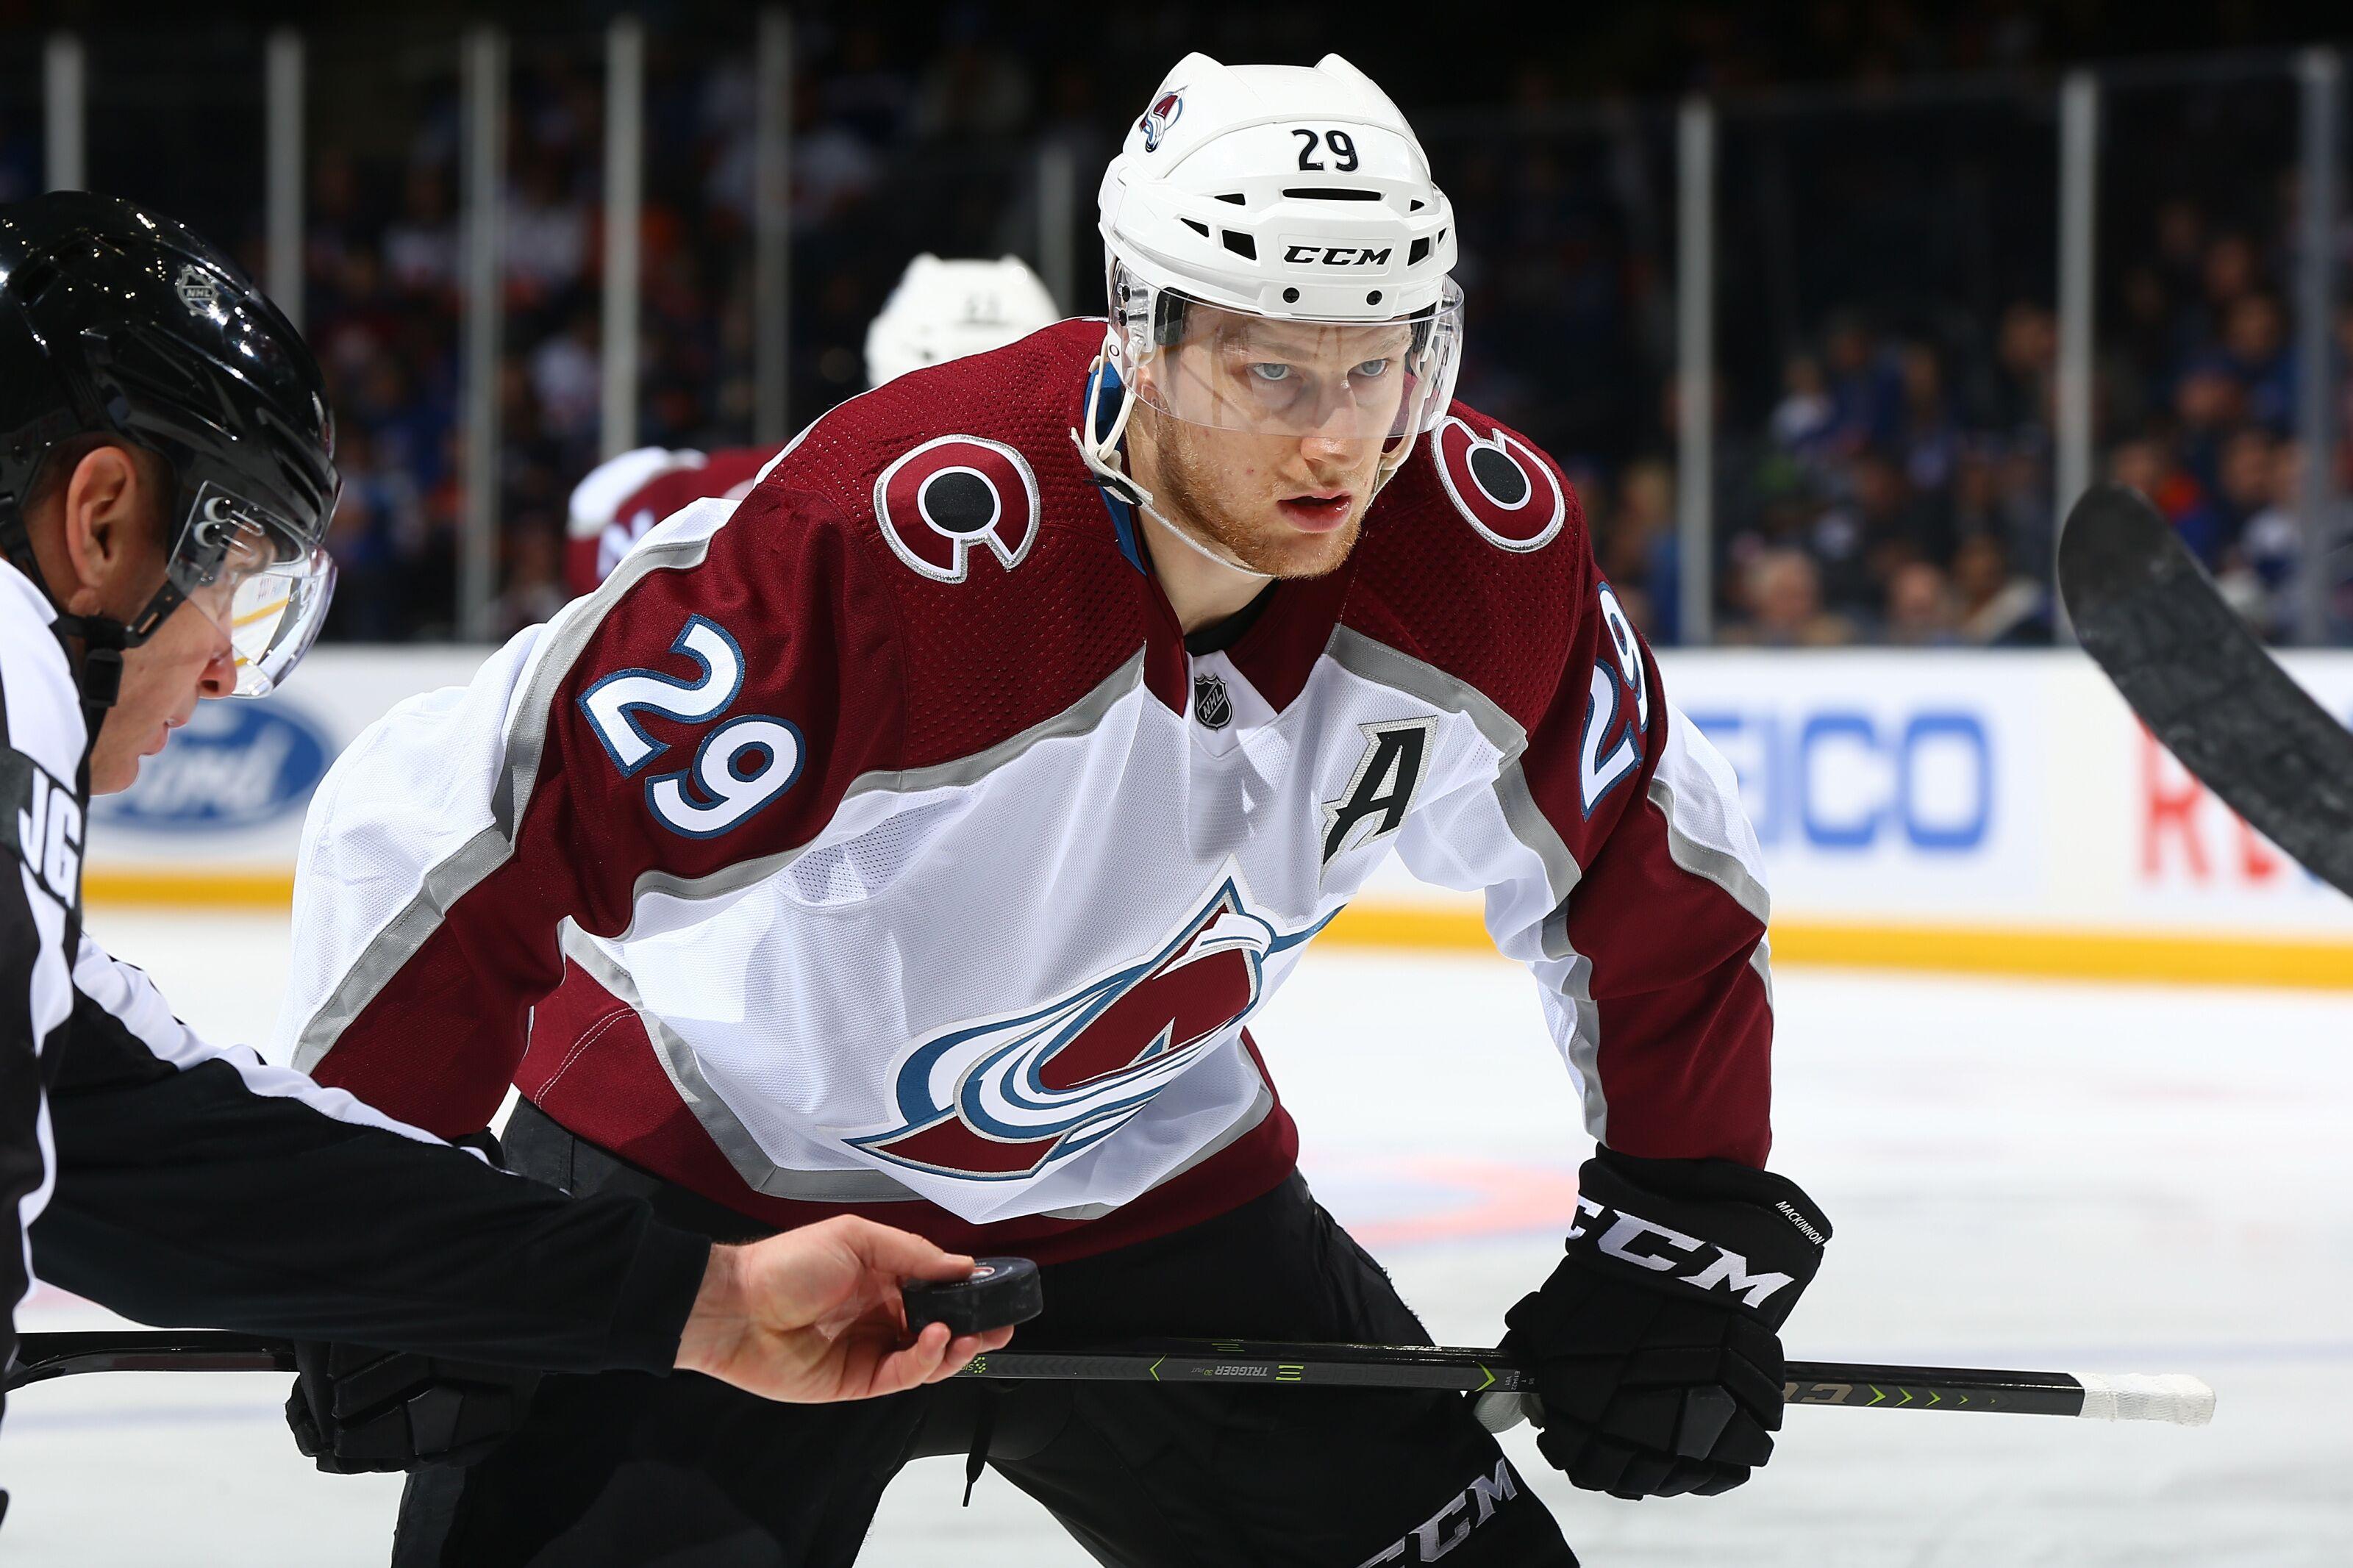 NHL Awards: Top midseason picks and predictions